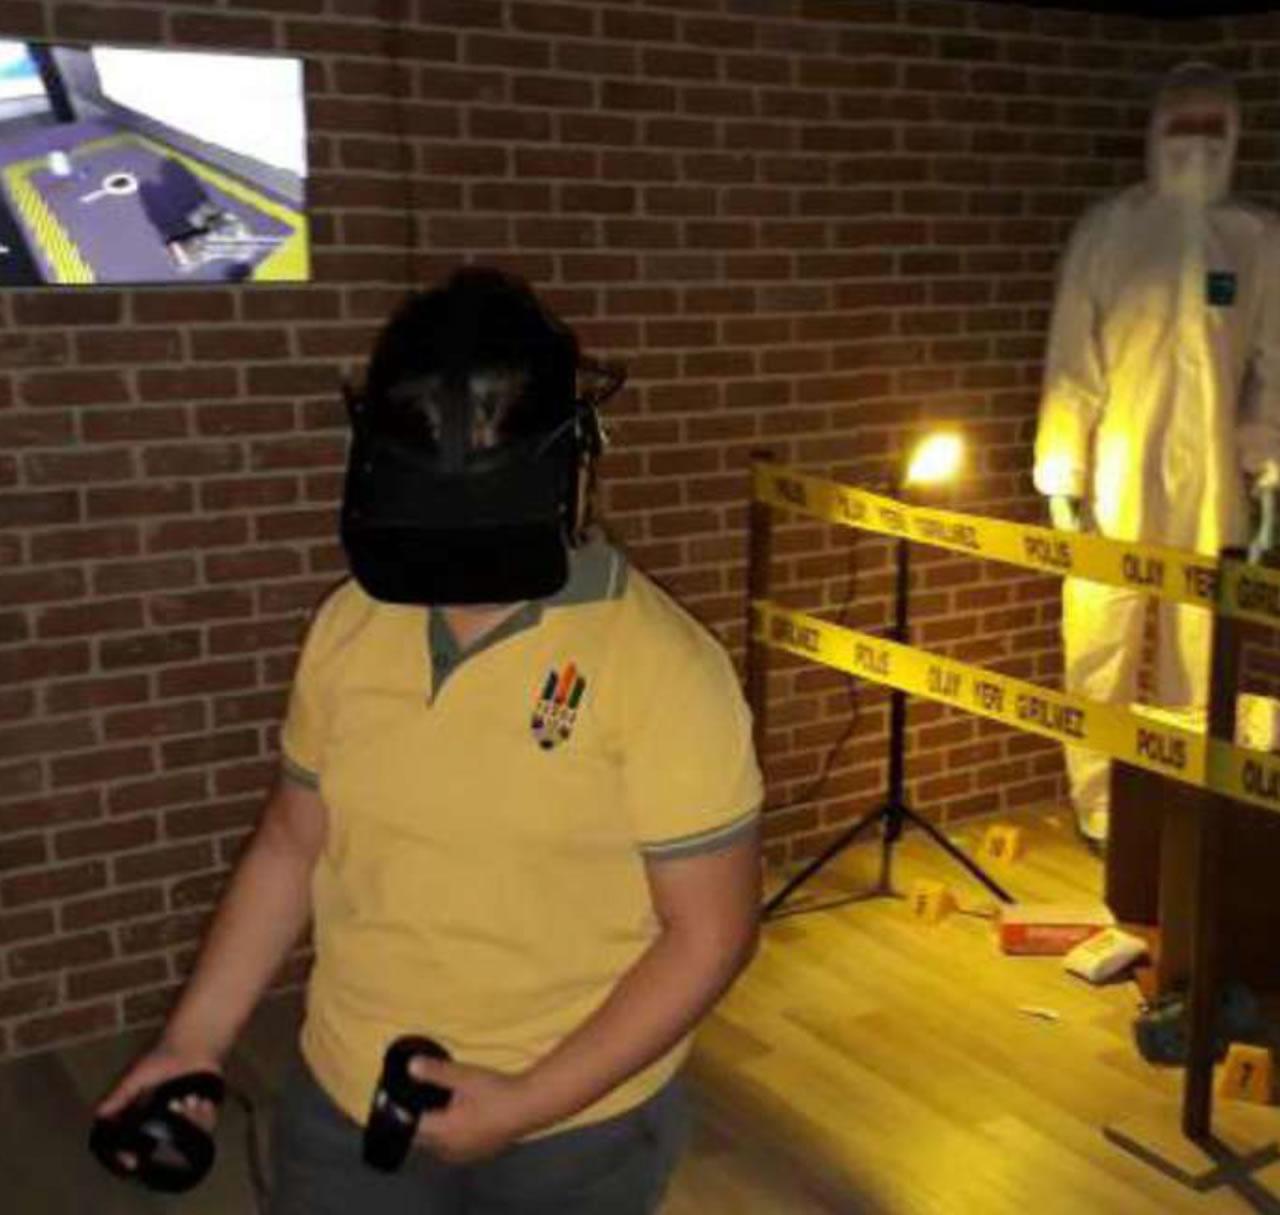 CSI Olay Yeri İnceleme Konsepti - CSI VR: Olay Yeri İnceleme